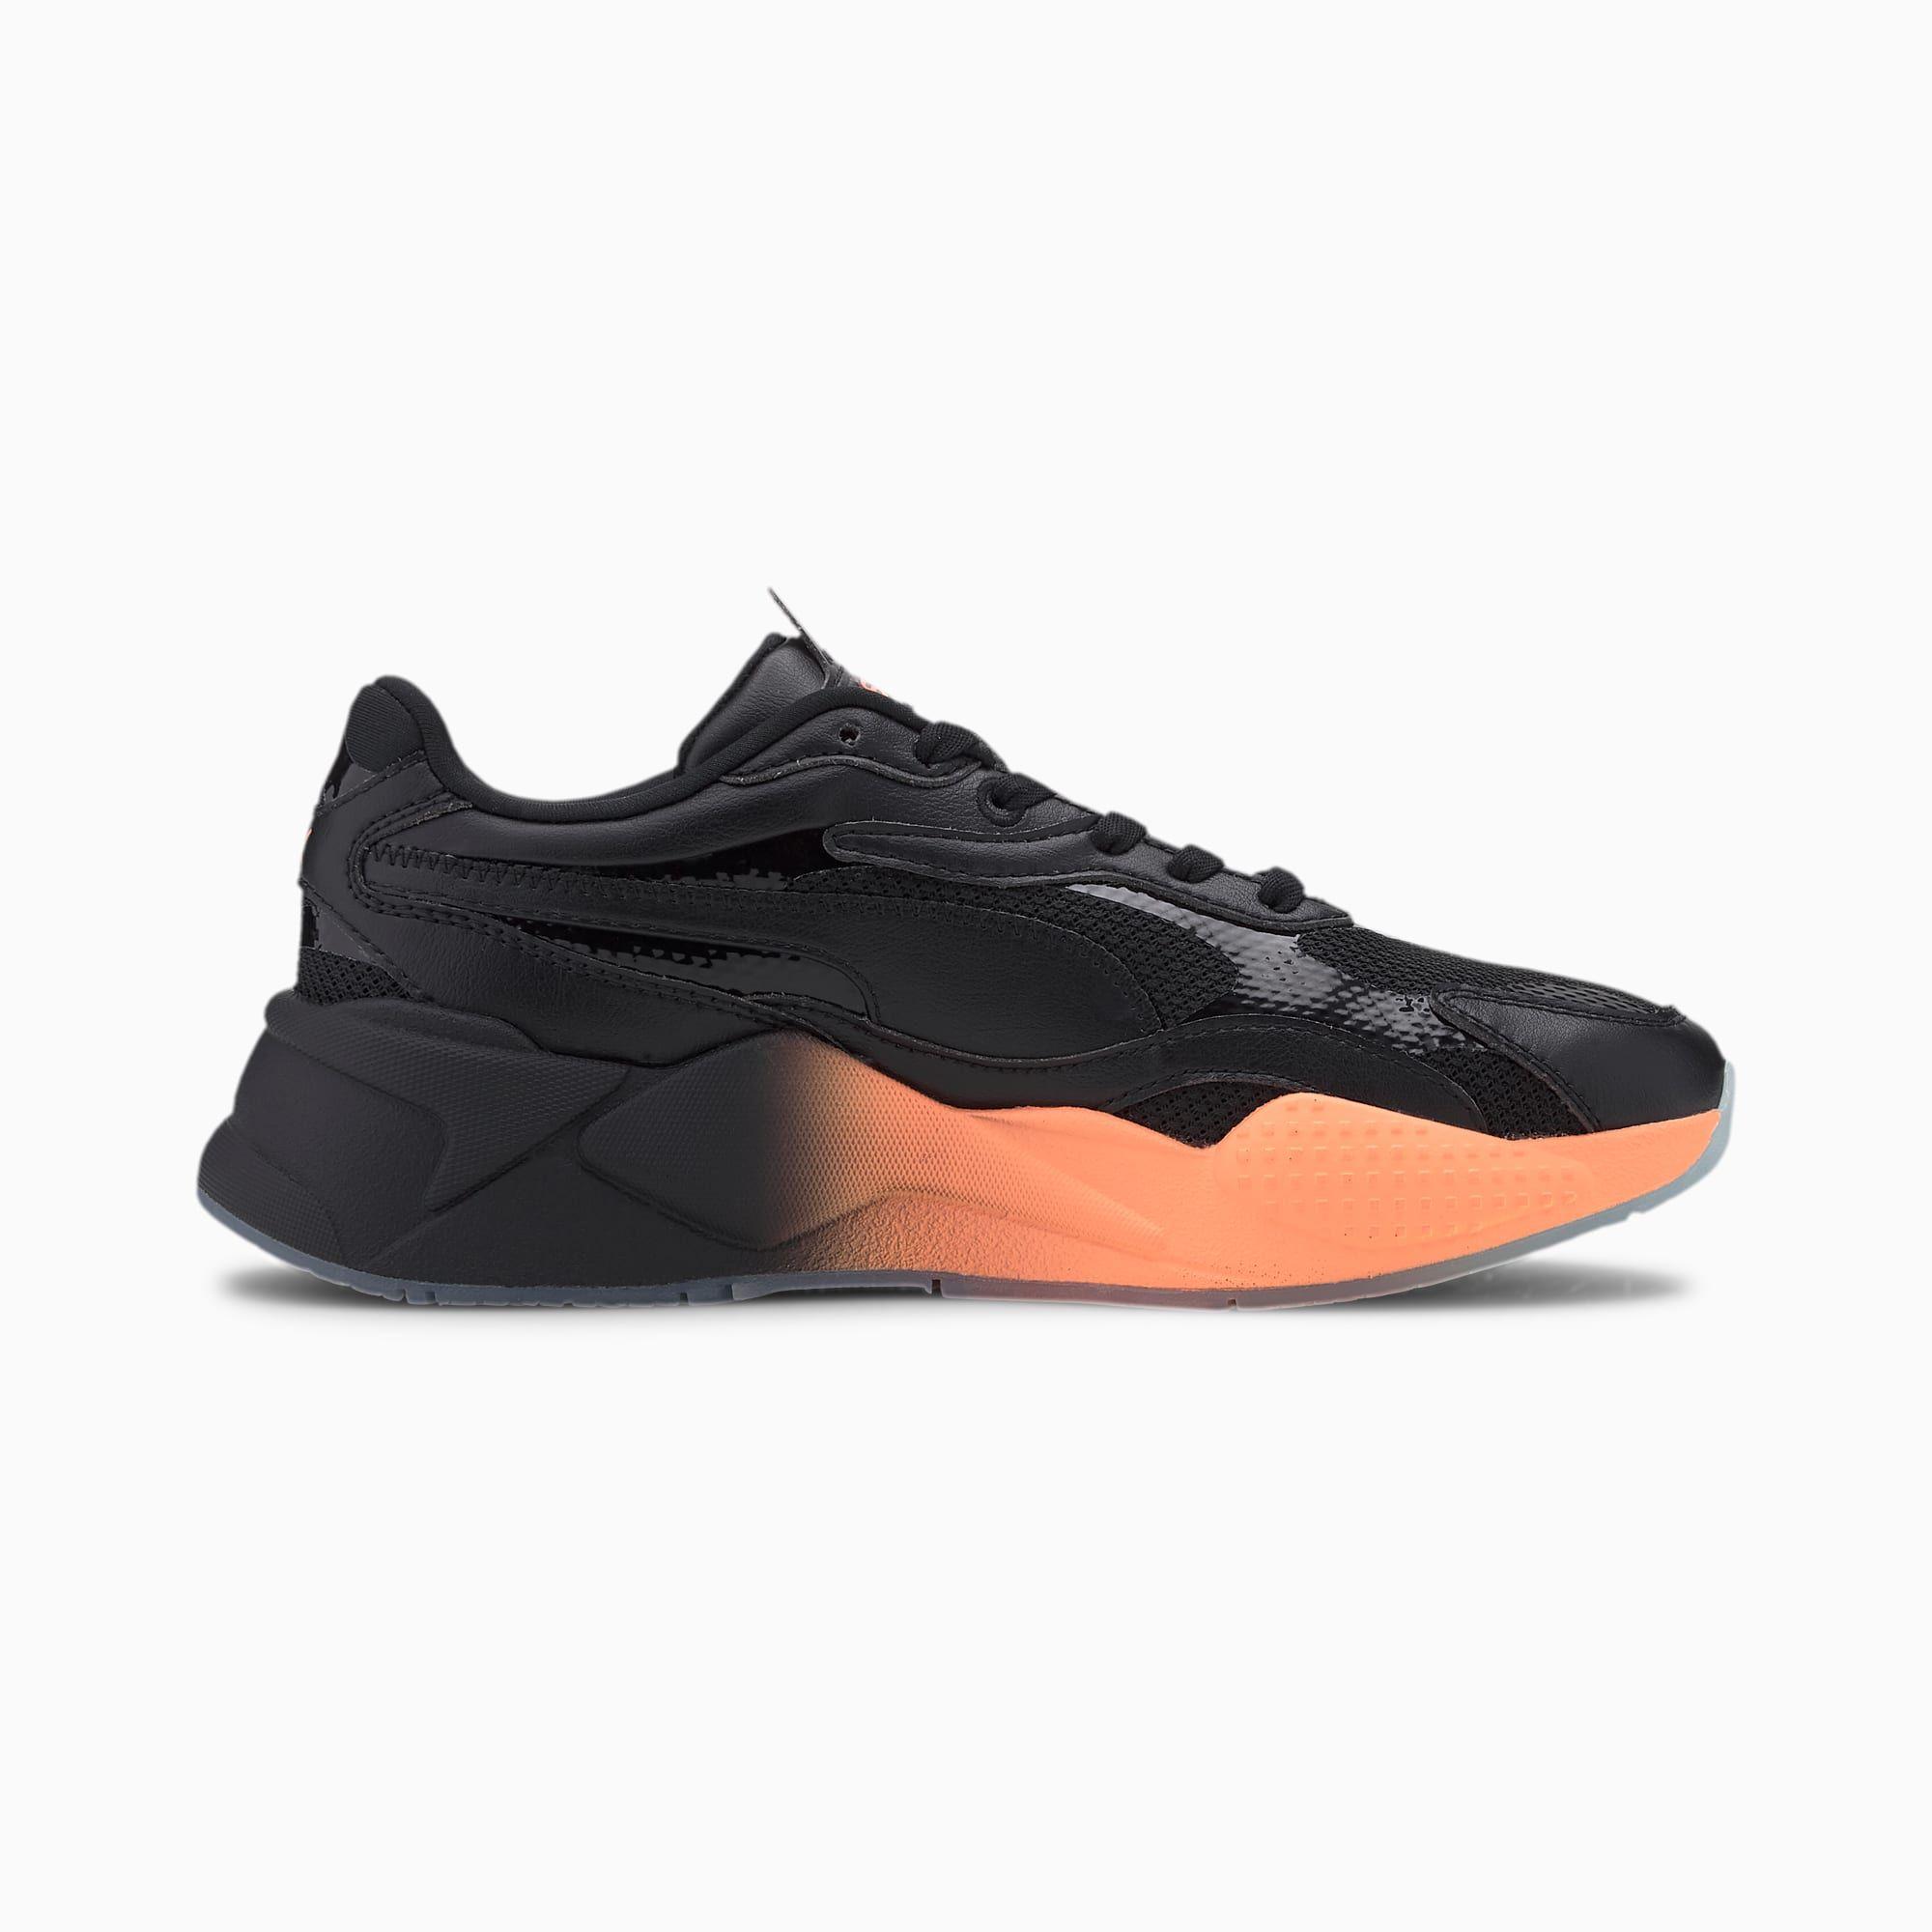 Photo of Scarpe da donna PUMA Rs-X con gradiente, nero / melone, misura 5.5, scarpe